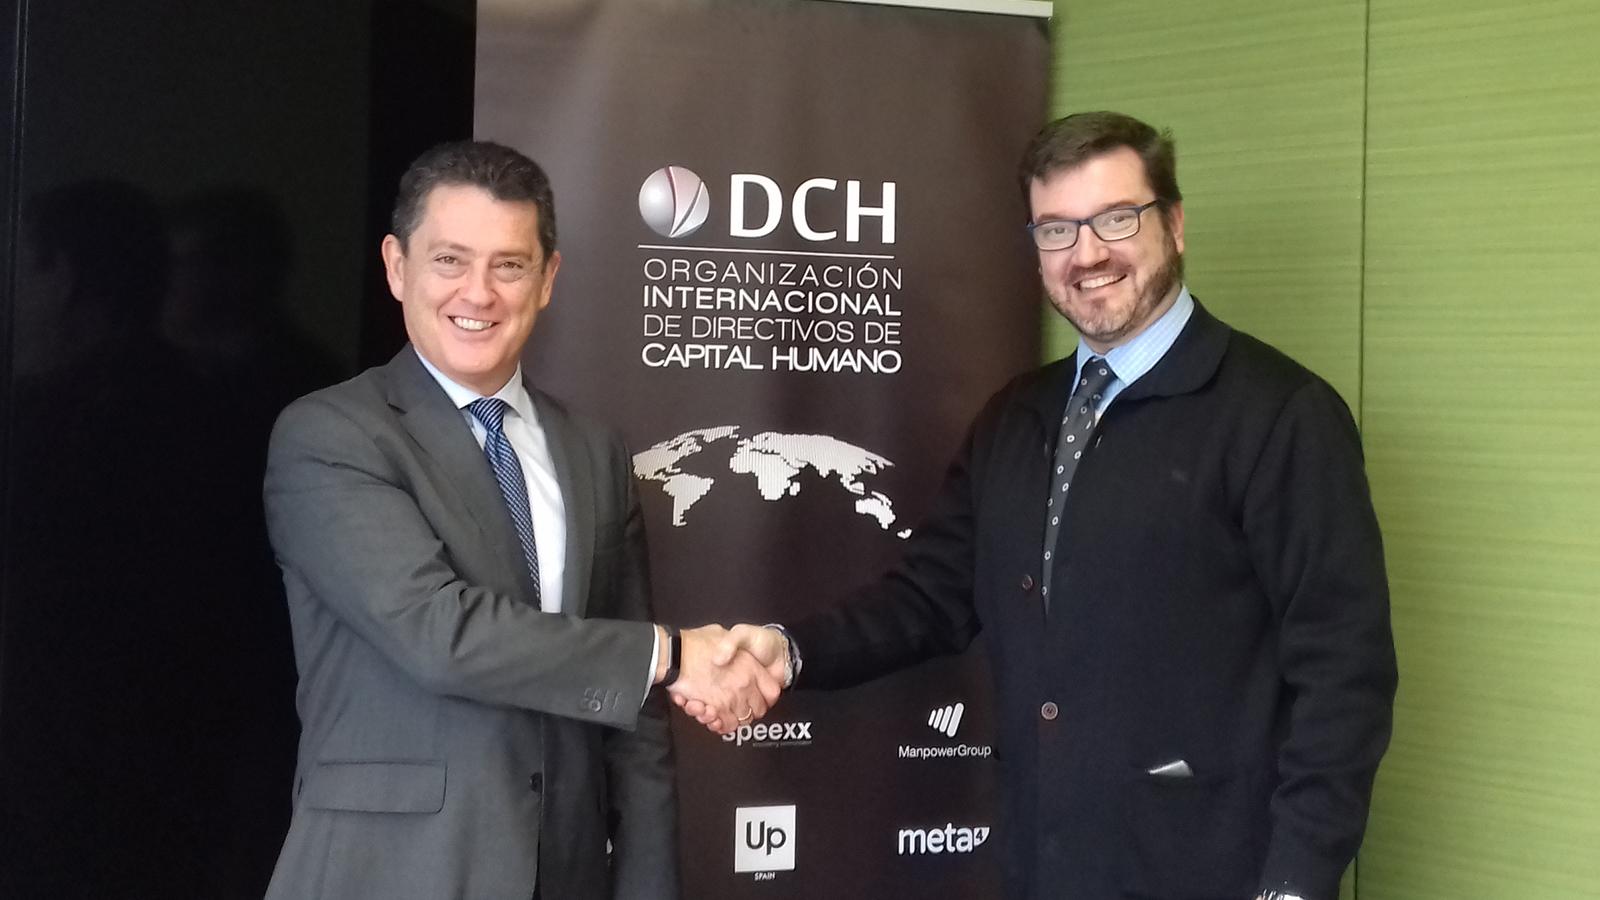 acuerdo-dch-ceo-espana